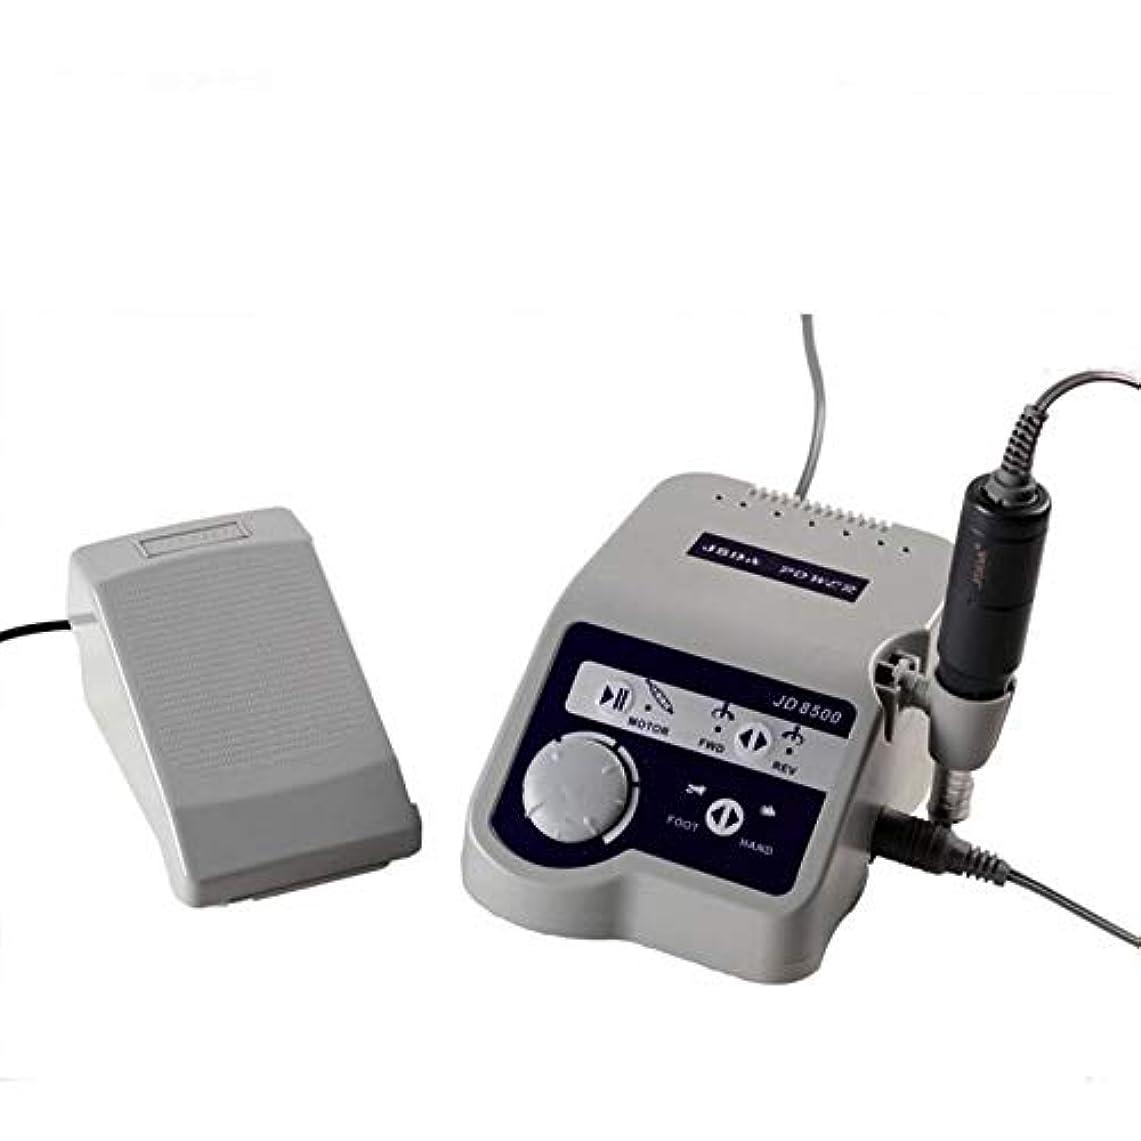 床を掃除する充実鋭くネイルドリルマシン、研磨ツールプロフェッショナル65W 35000 RPM電気ネイルドリルマニキュアツールペディキュアポリッシャーマシンネイルズアート用品